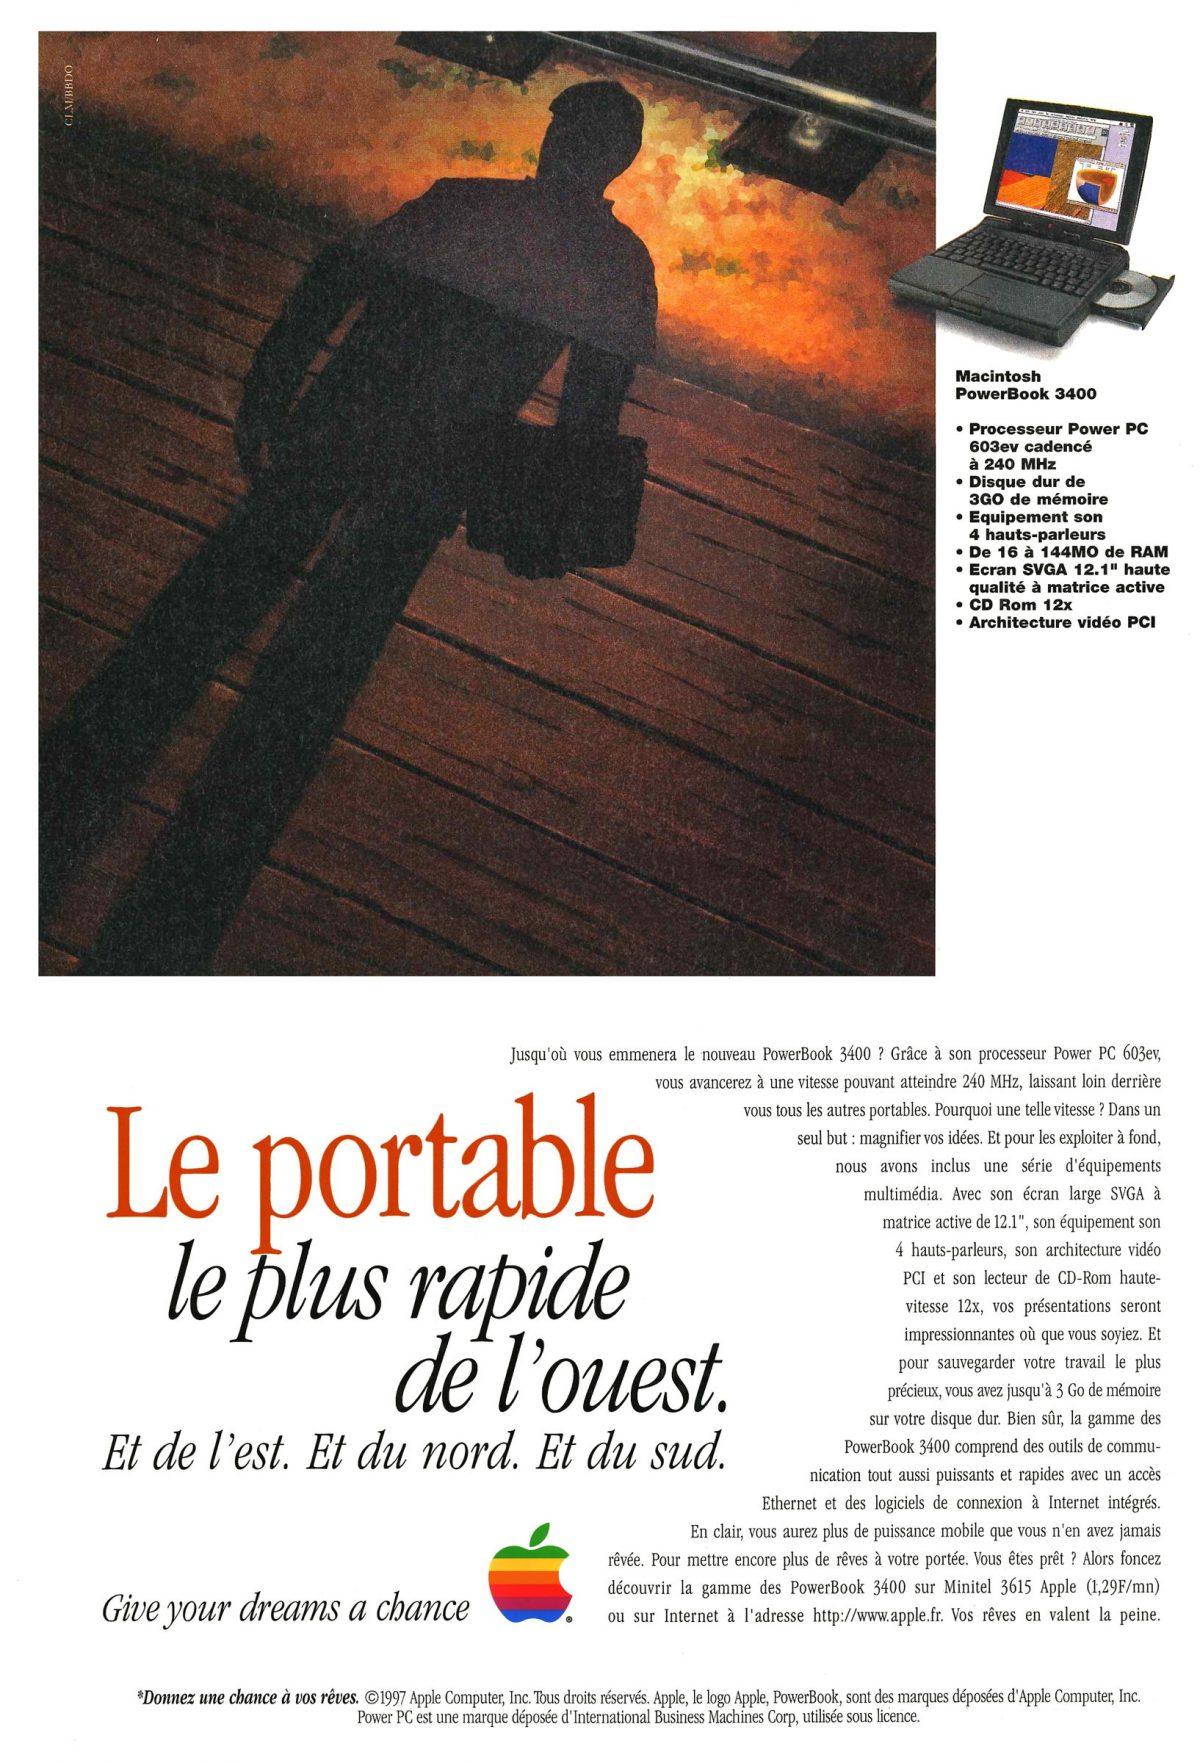 Publicité pour le PowerBook 3400 d'Apple en 1999